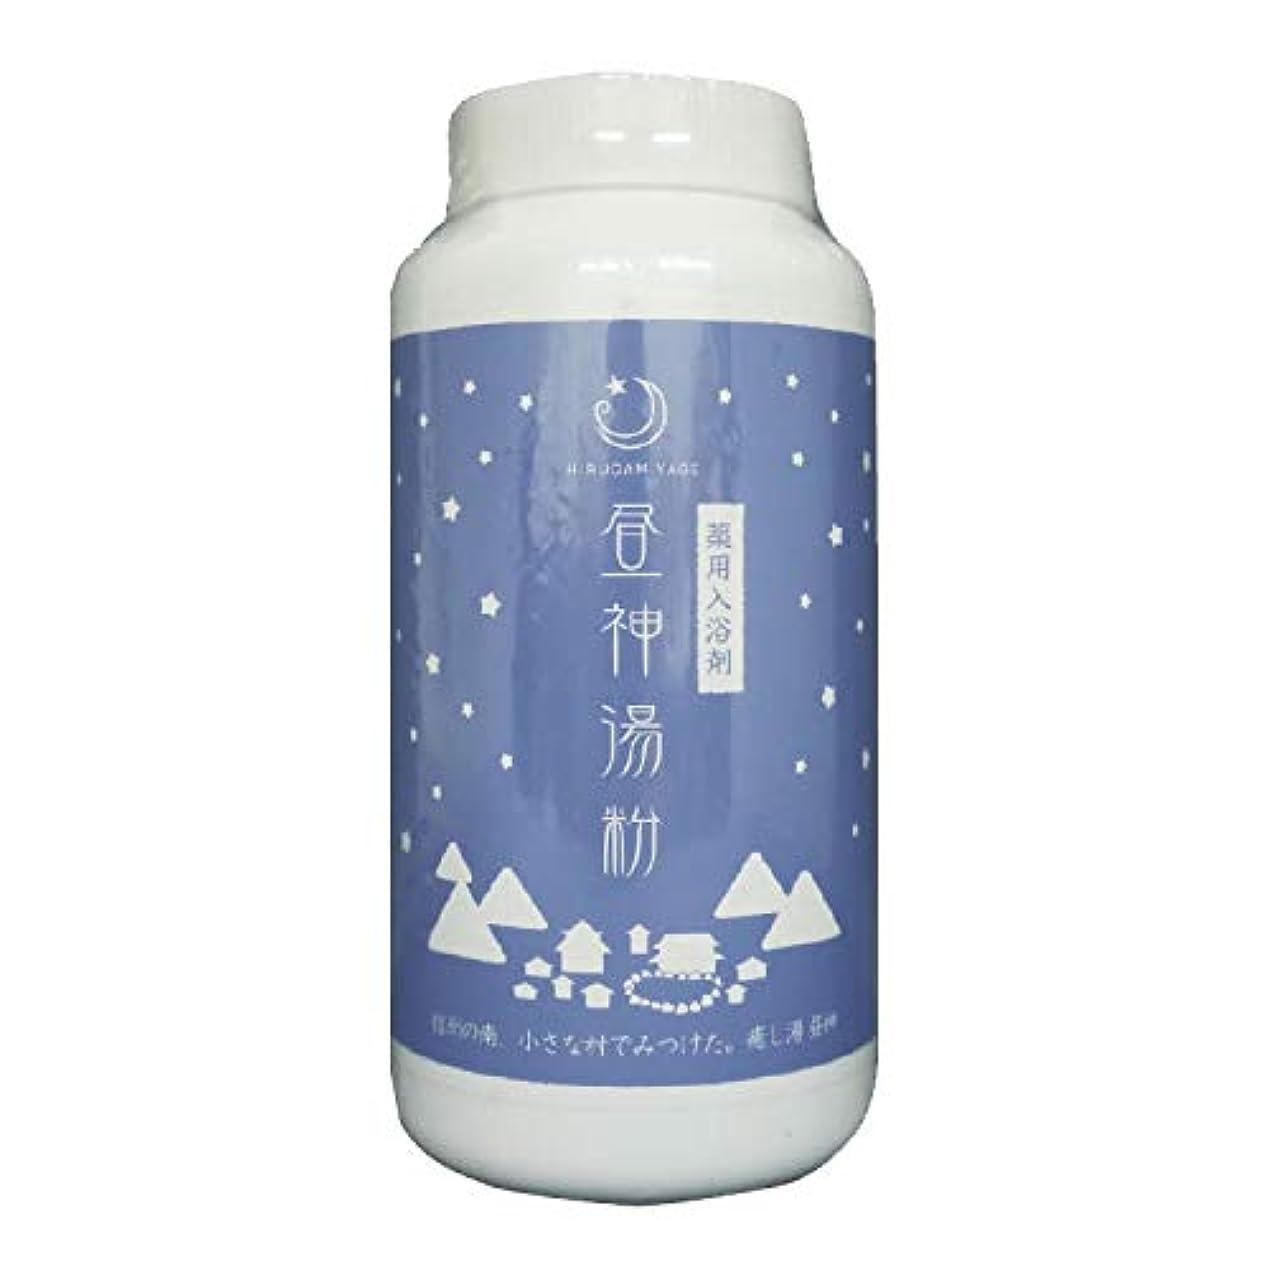 トチの実の木フラスコ飛行場昼神の湯 薬用入浴剤(医薬部外品)ボトル 昼神温泉郷